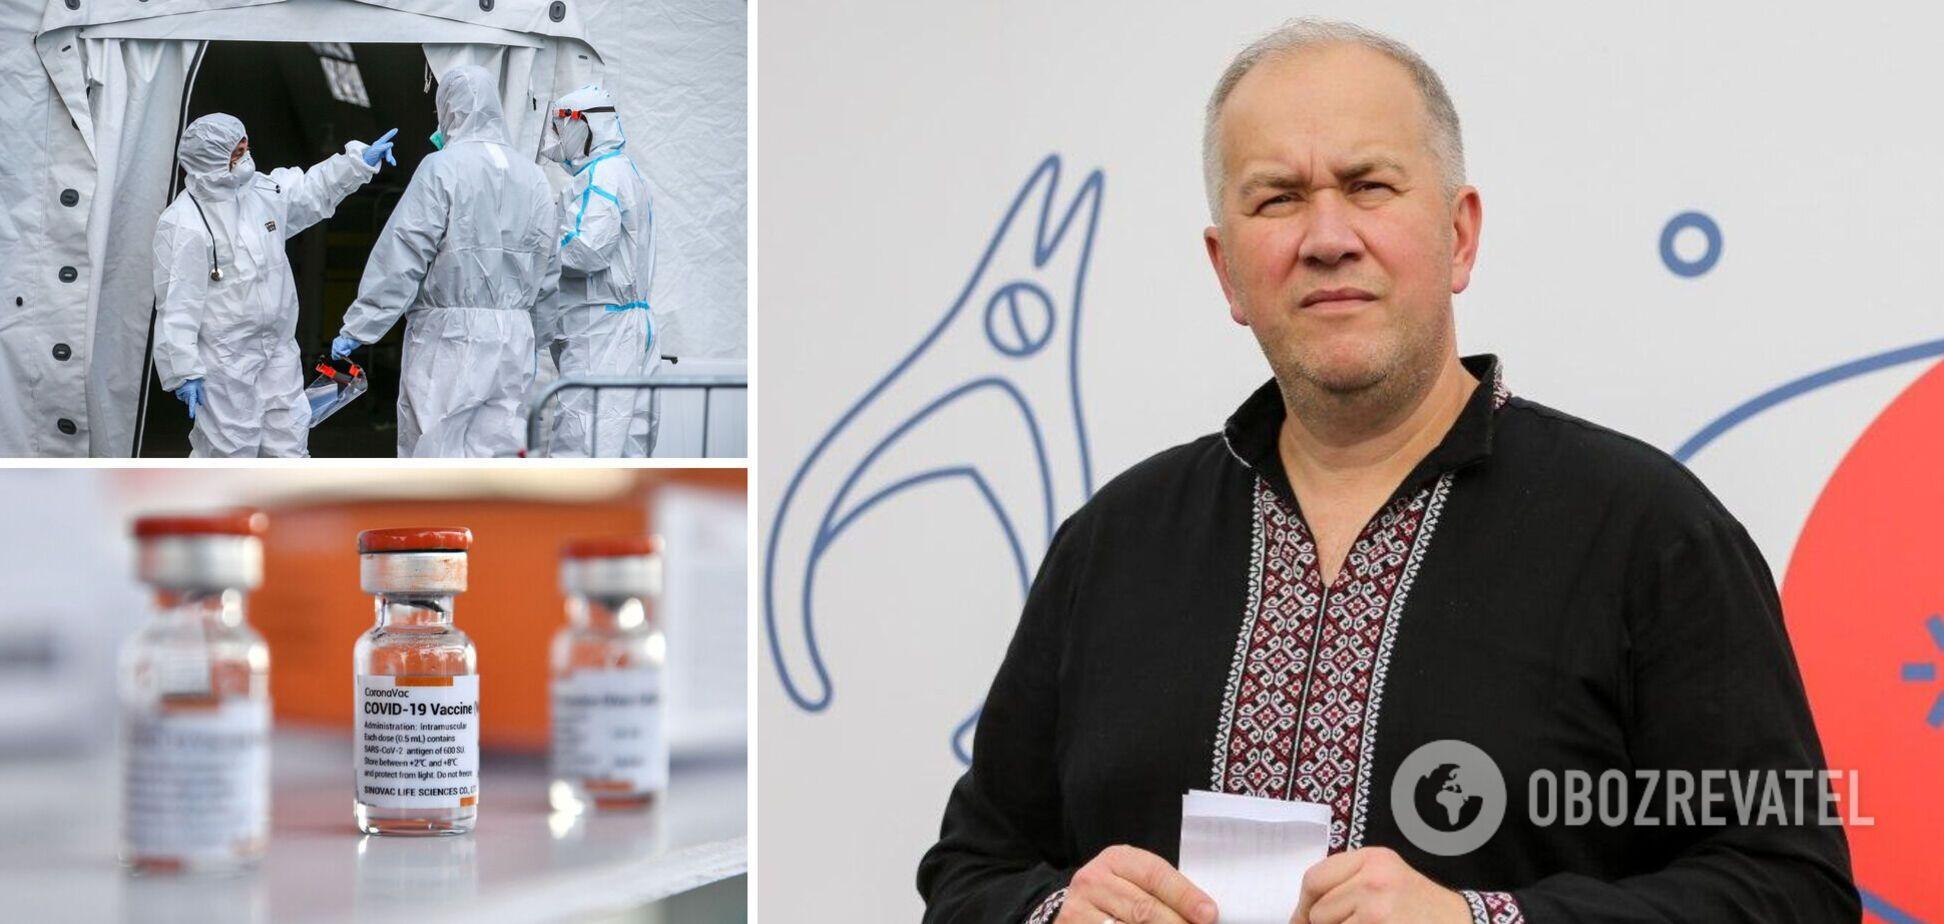 Курпита: вакцинация – это надолго, но сделать уколы 5 млн украинцев за лето реально